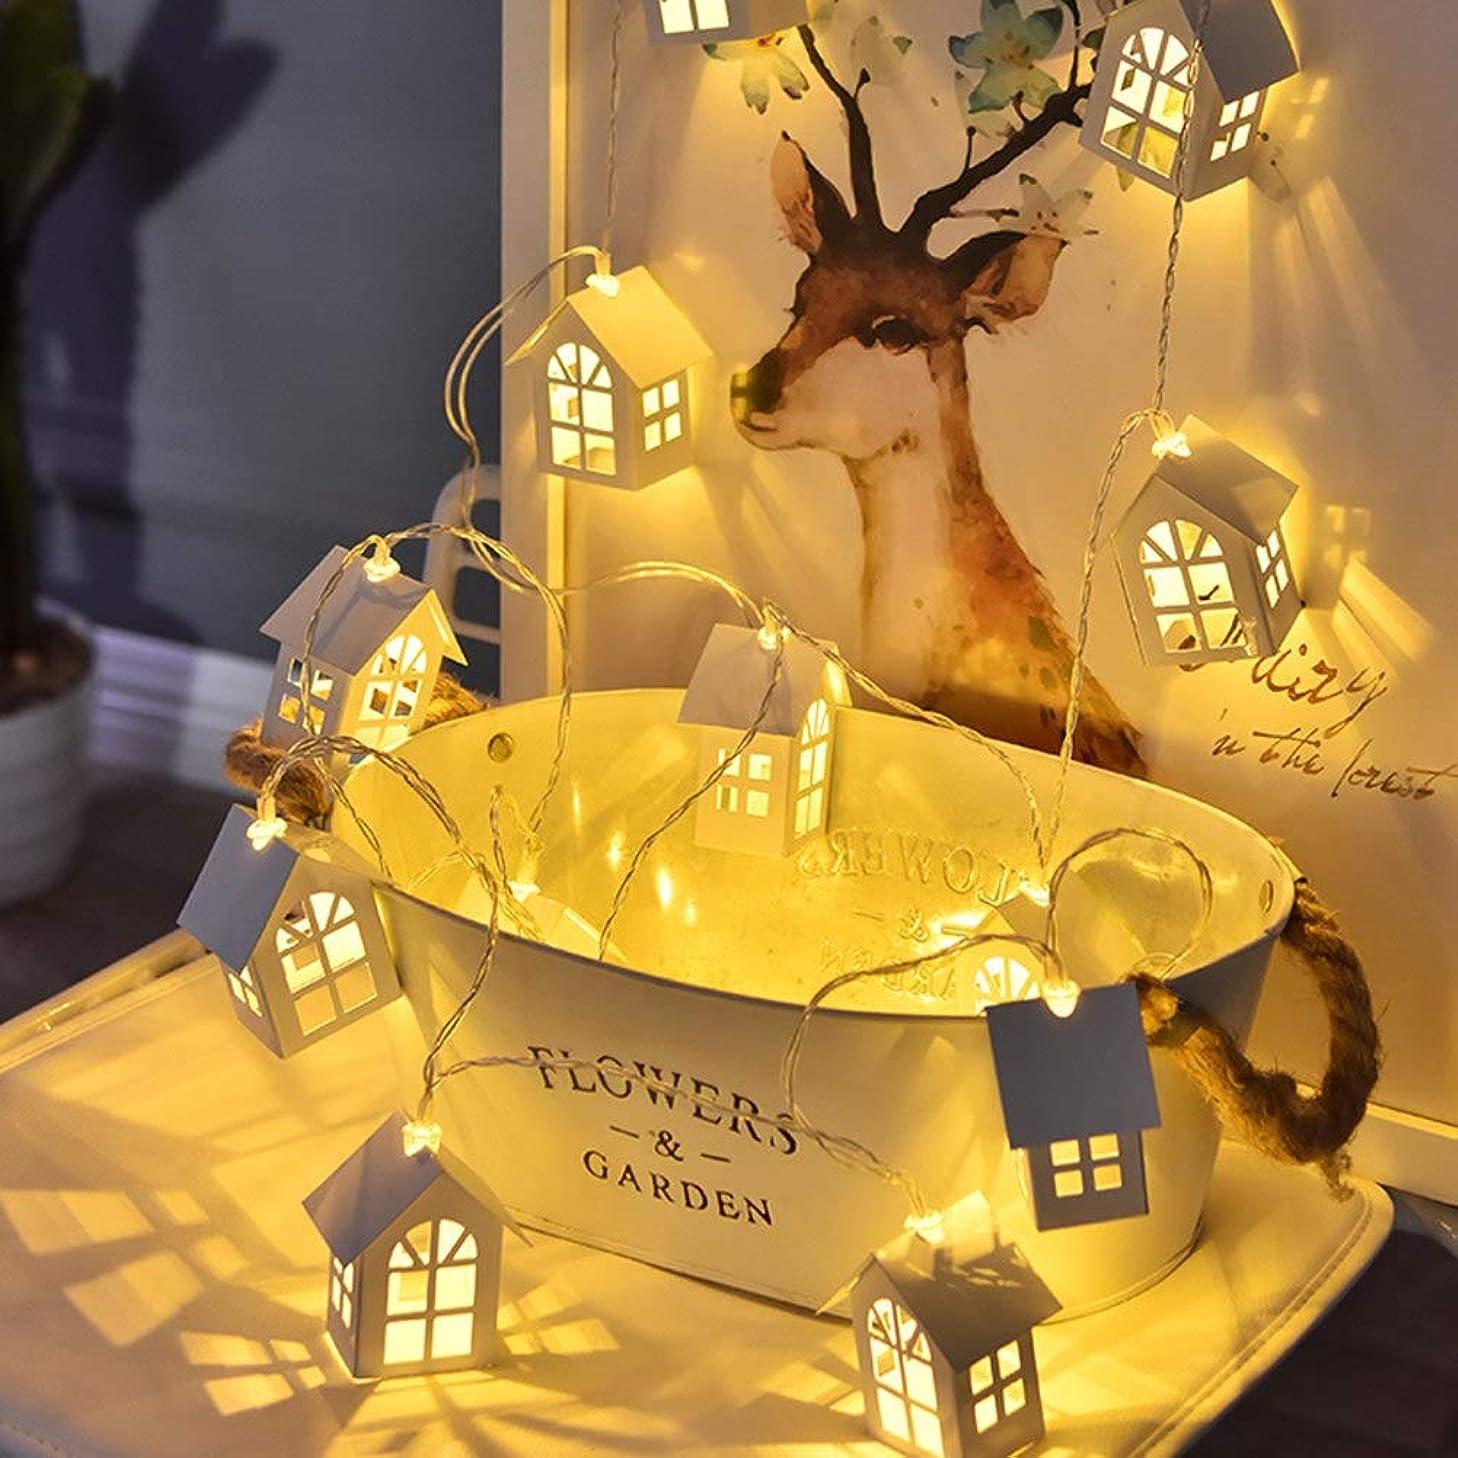 掘る踊り子発症Messagee クリスマスツリー飾り LED ライト ハウス 木製 シャレー USB/電池式 クリスマスオーナメント 飾り付け ホテル バー 部屋 お庭 雰囲気 結婚式 クリスマス 新年 パーティー